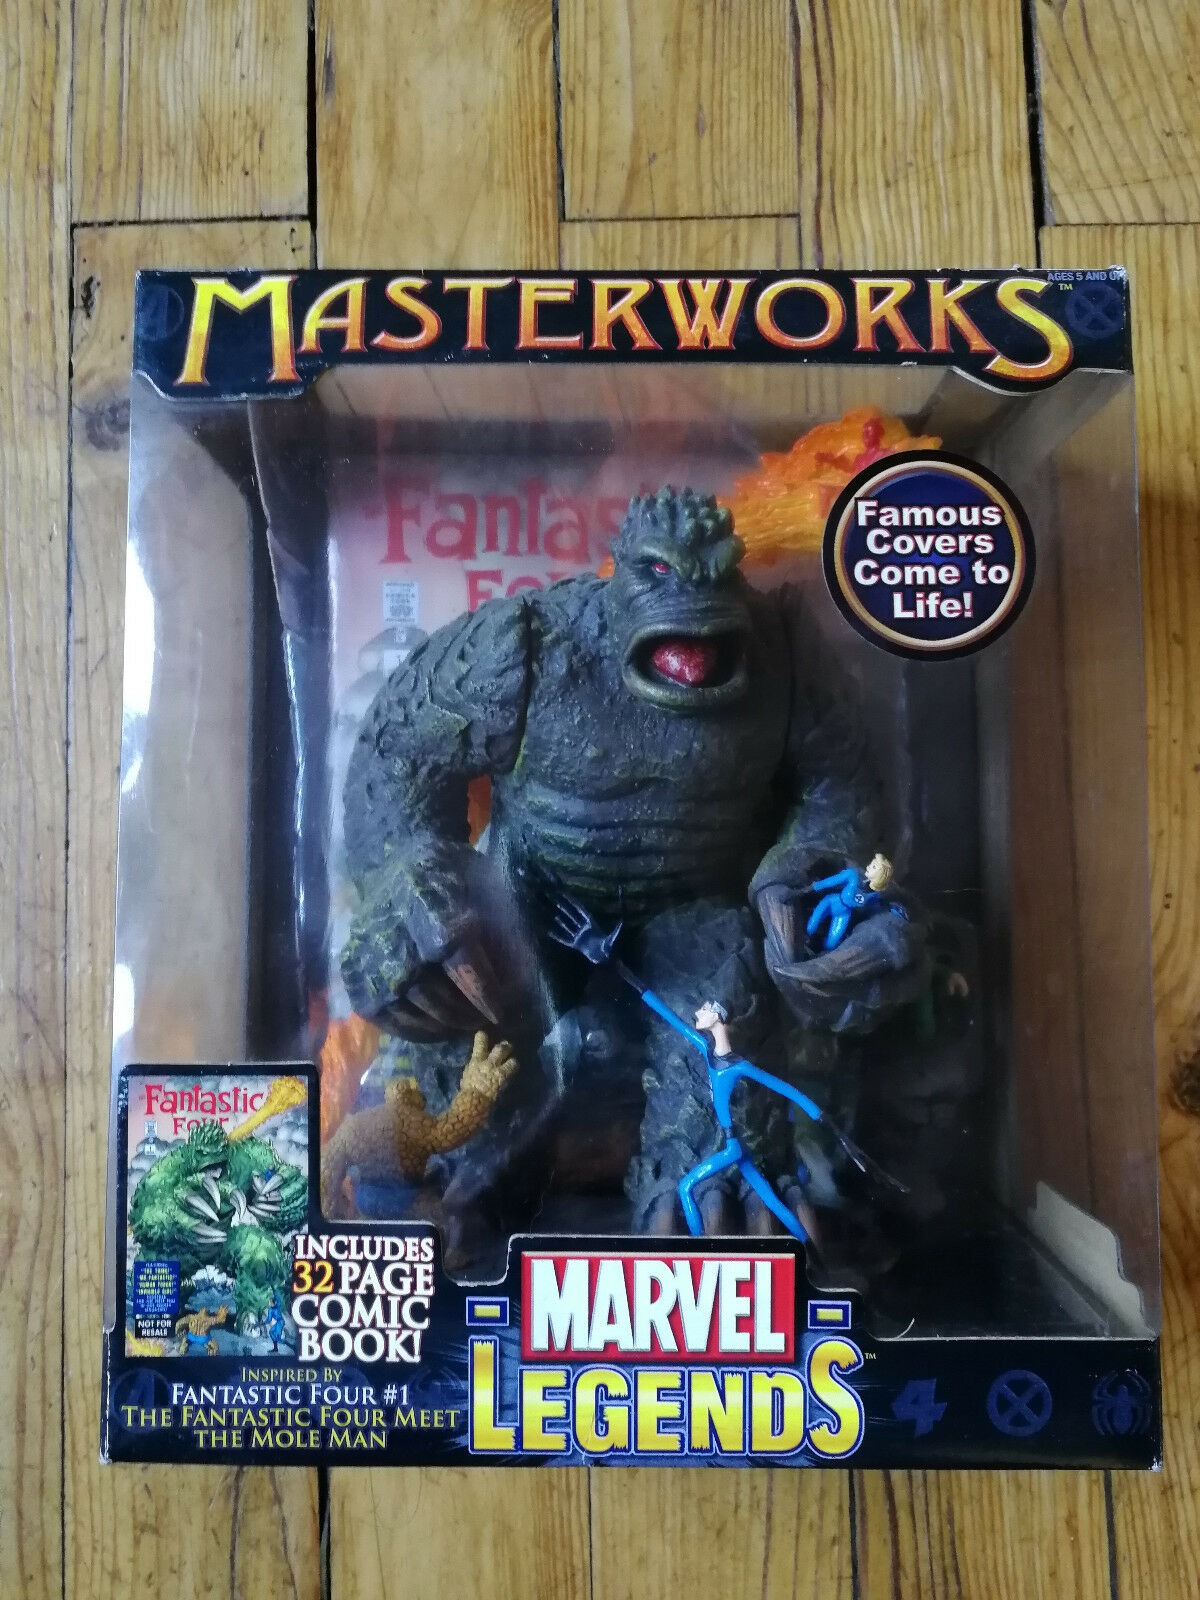 Marvel Legends Masterworks Fantastic Four vs Mole Man FF